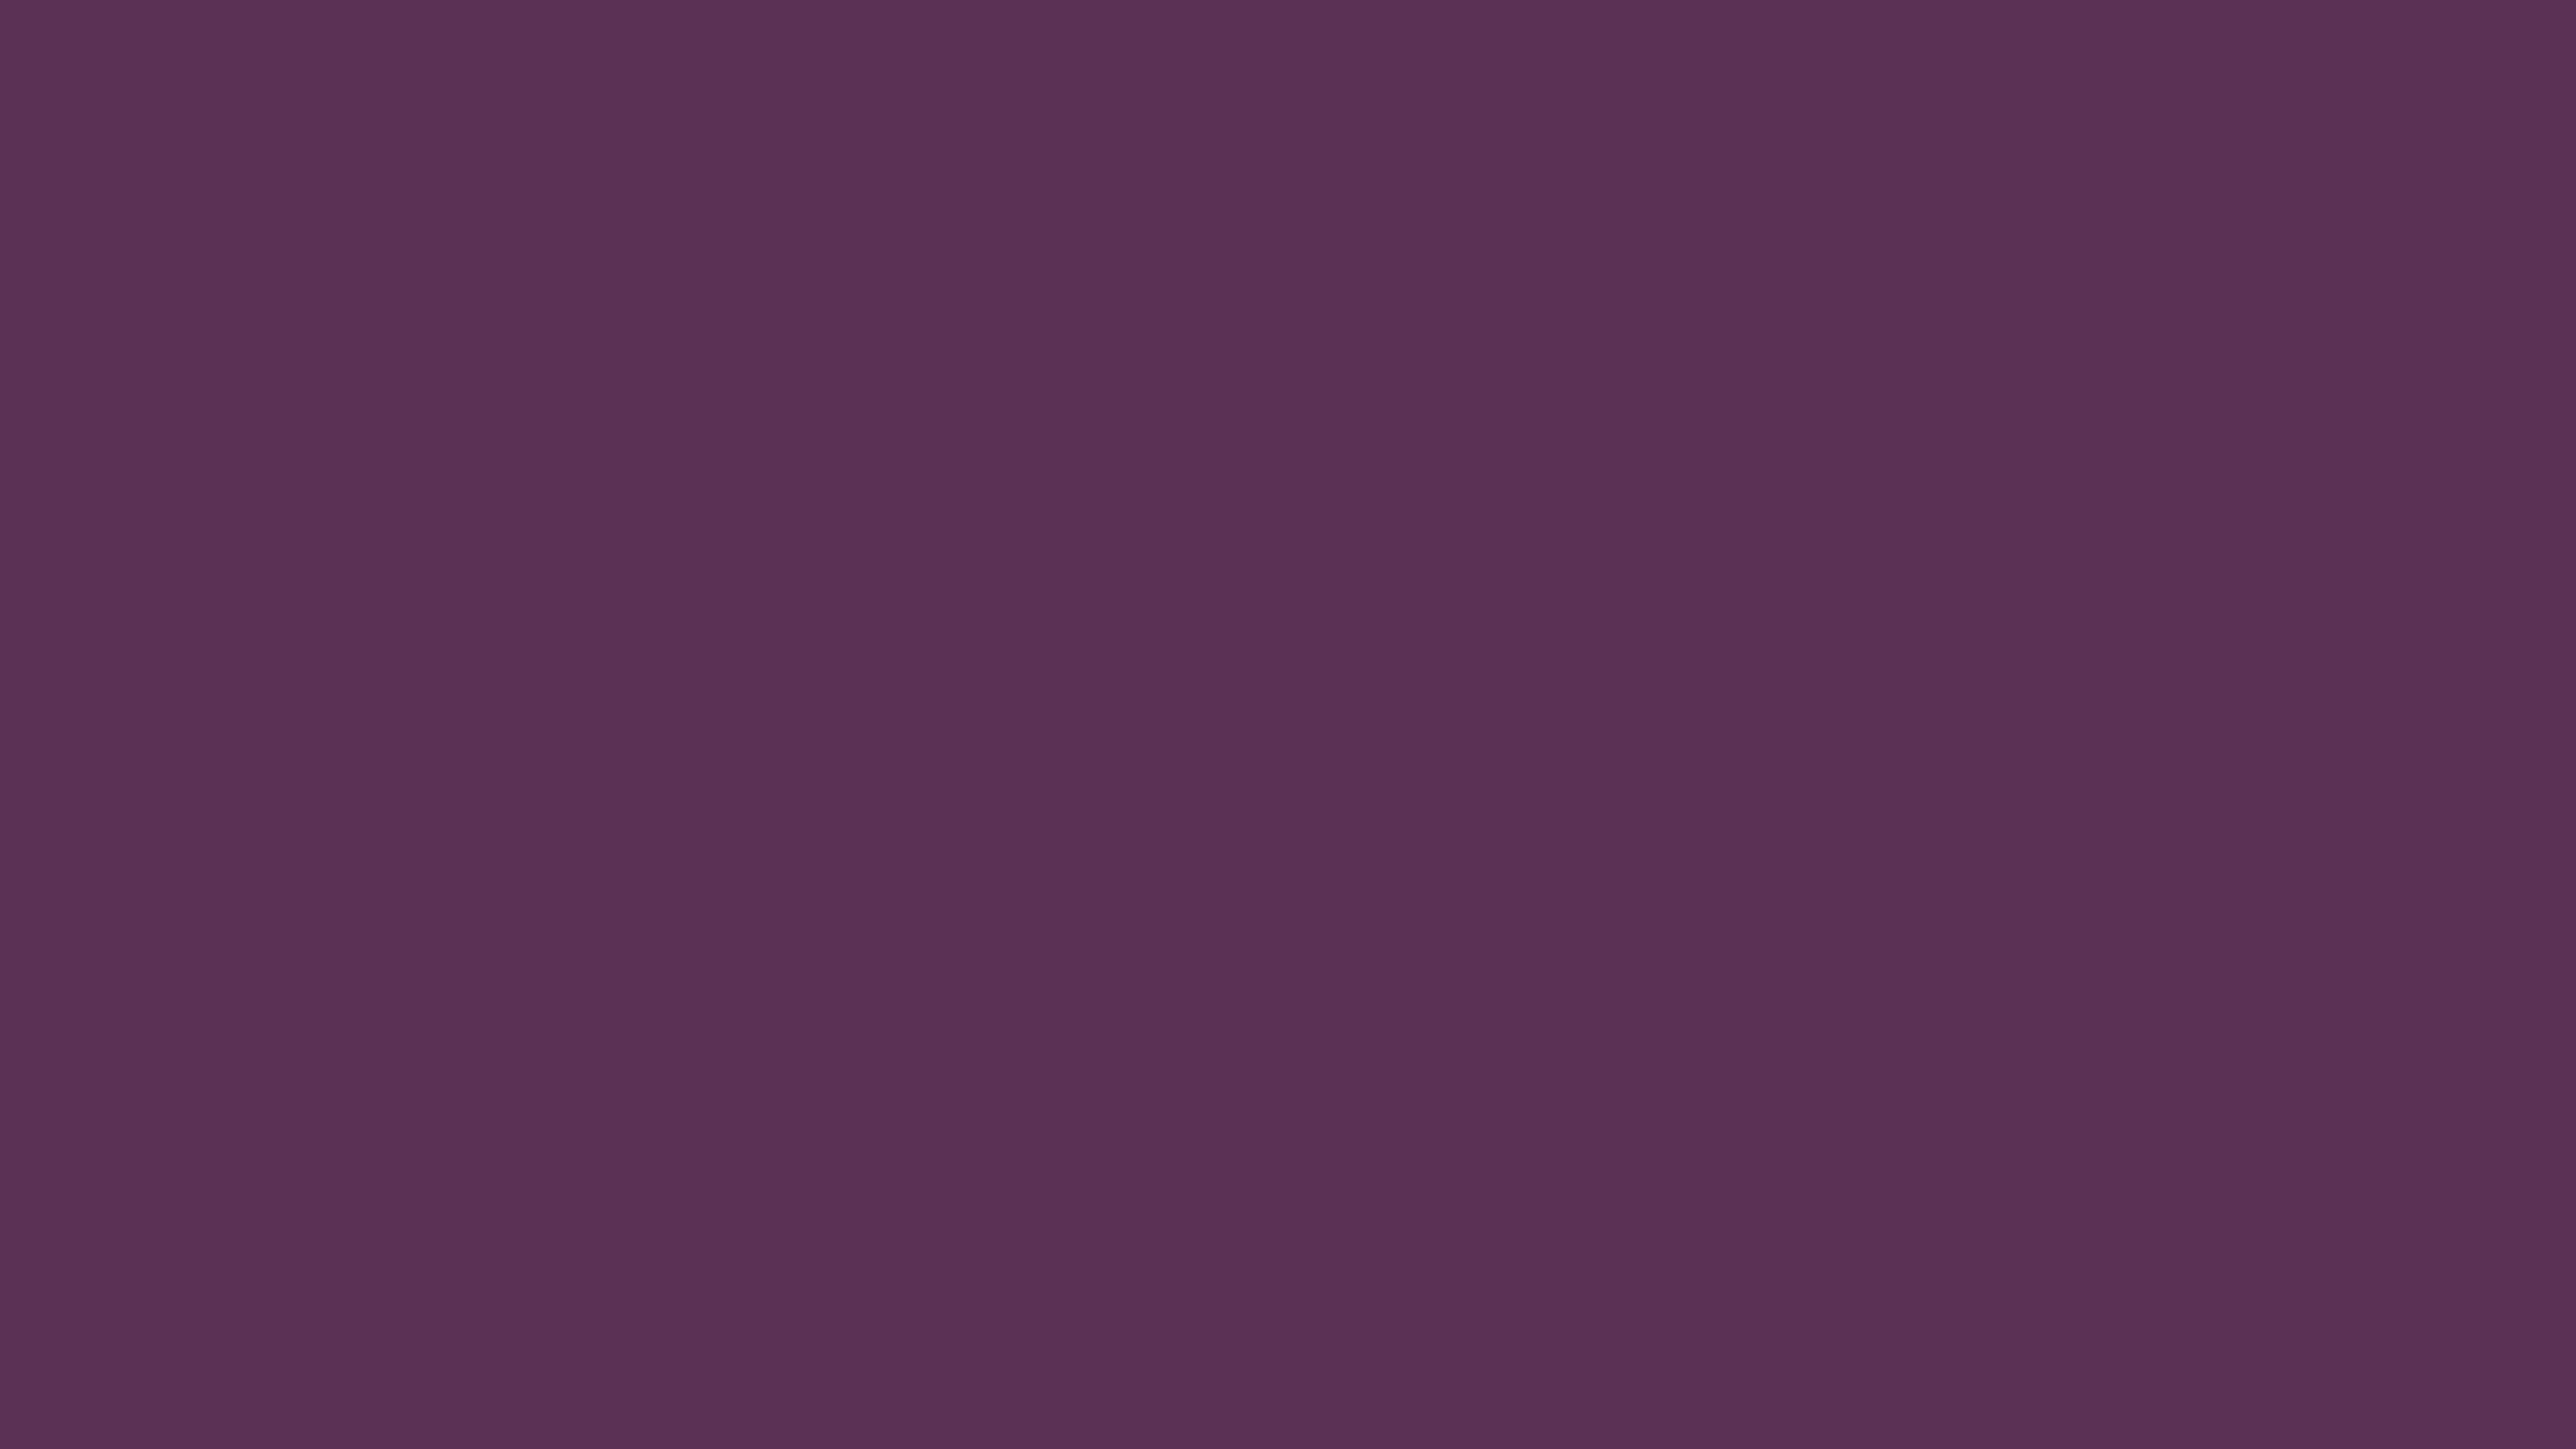 3840x2160 Japanese Violet Solid Color Background